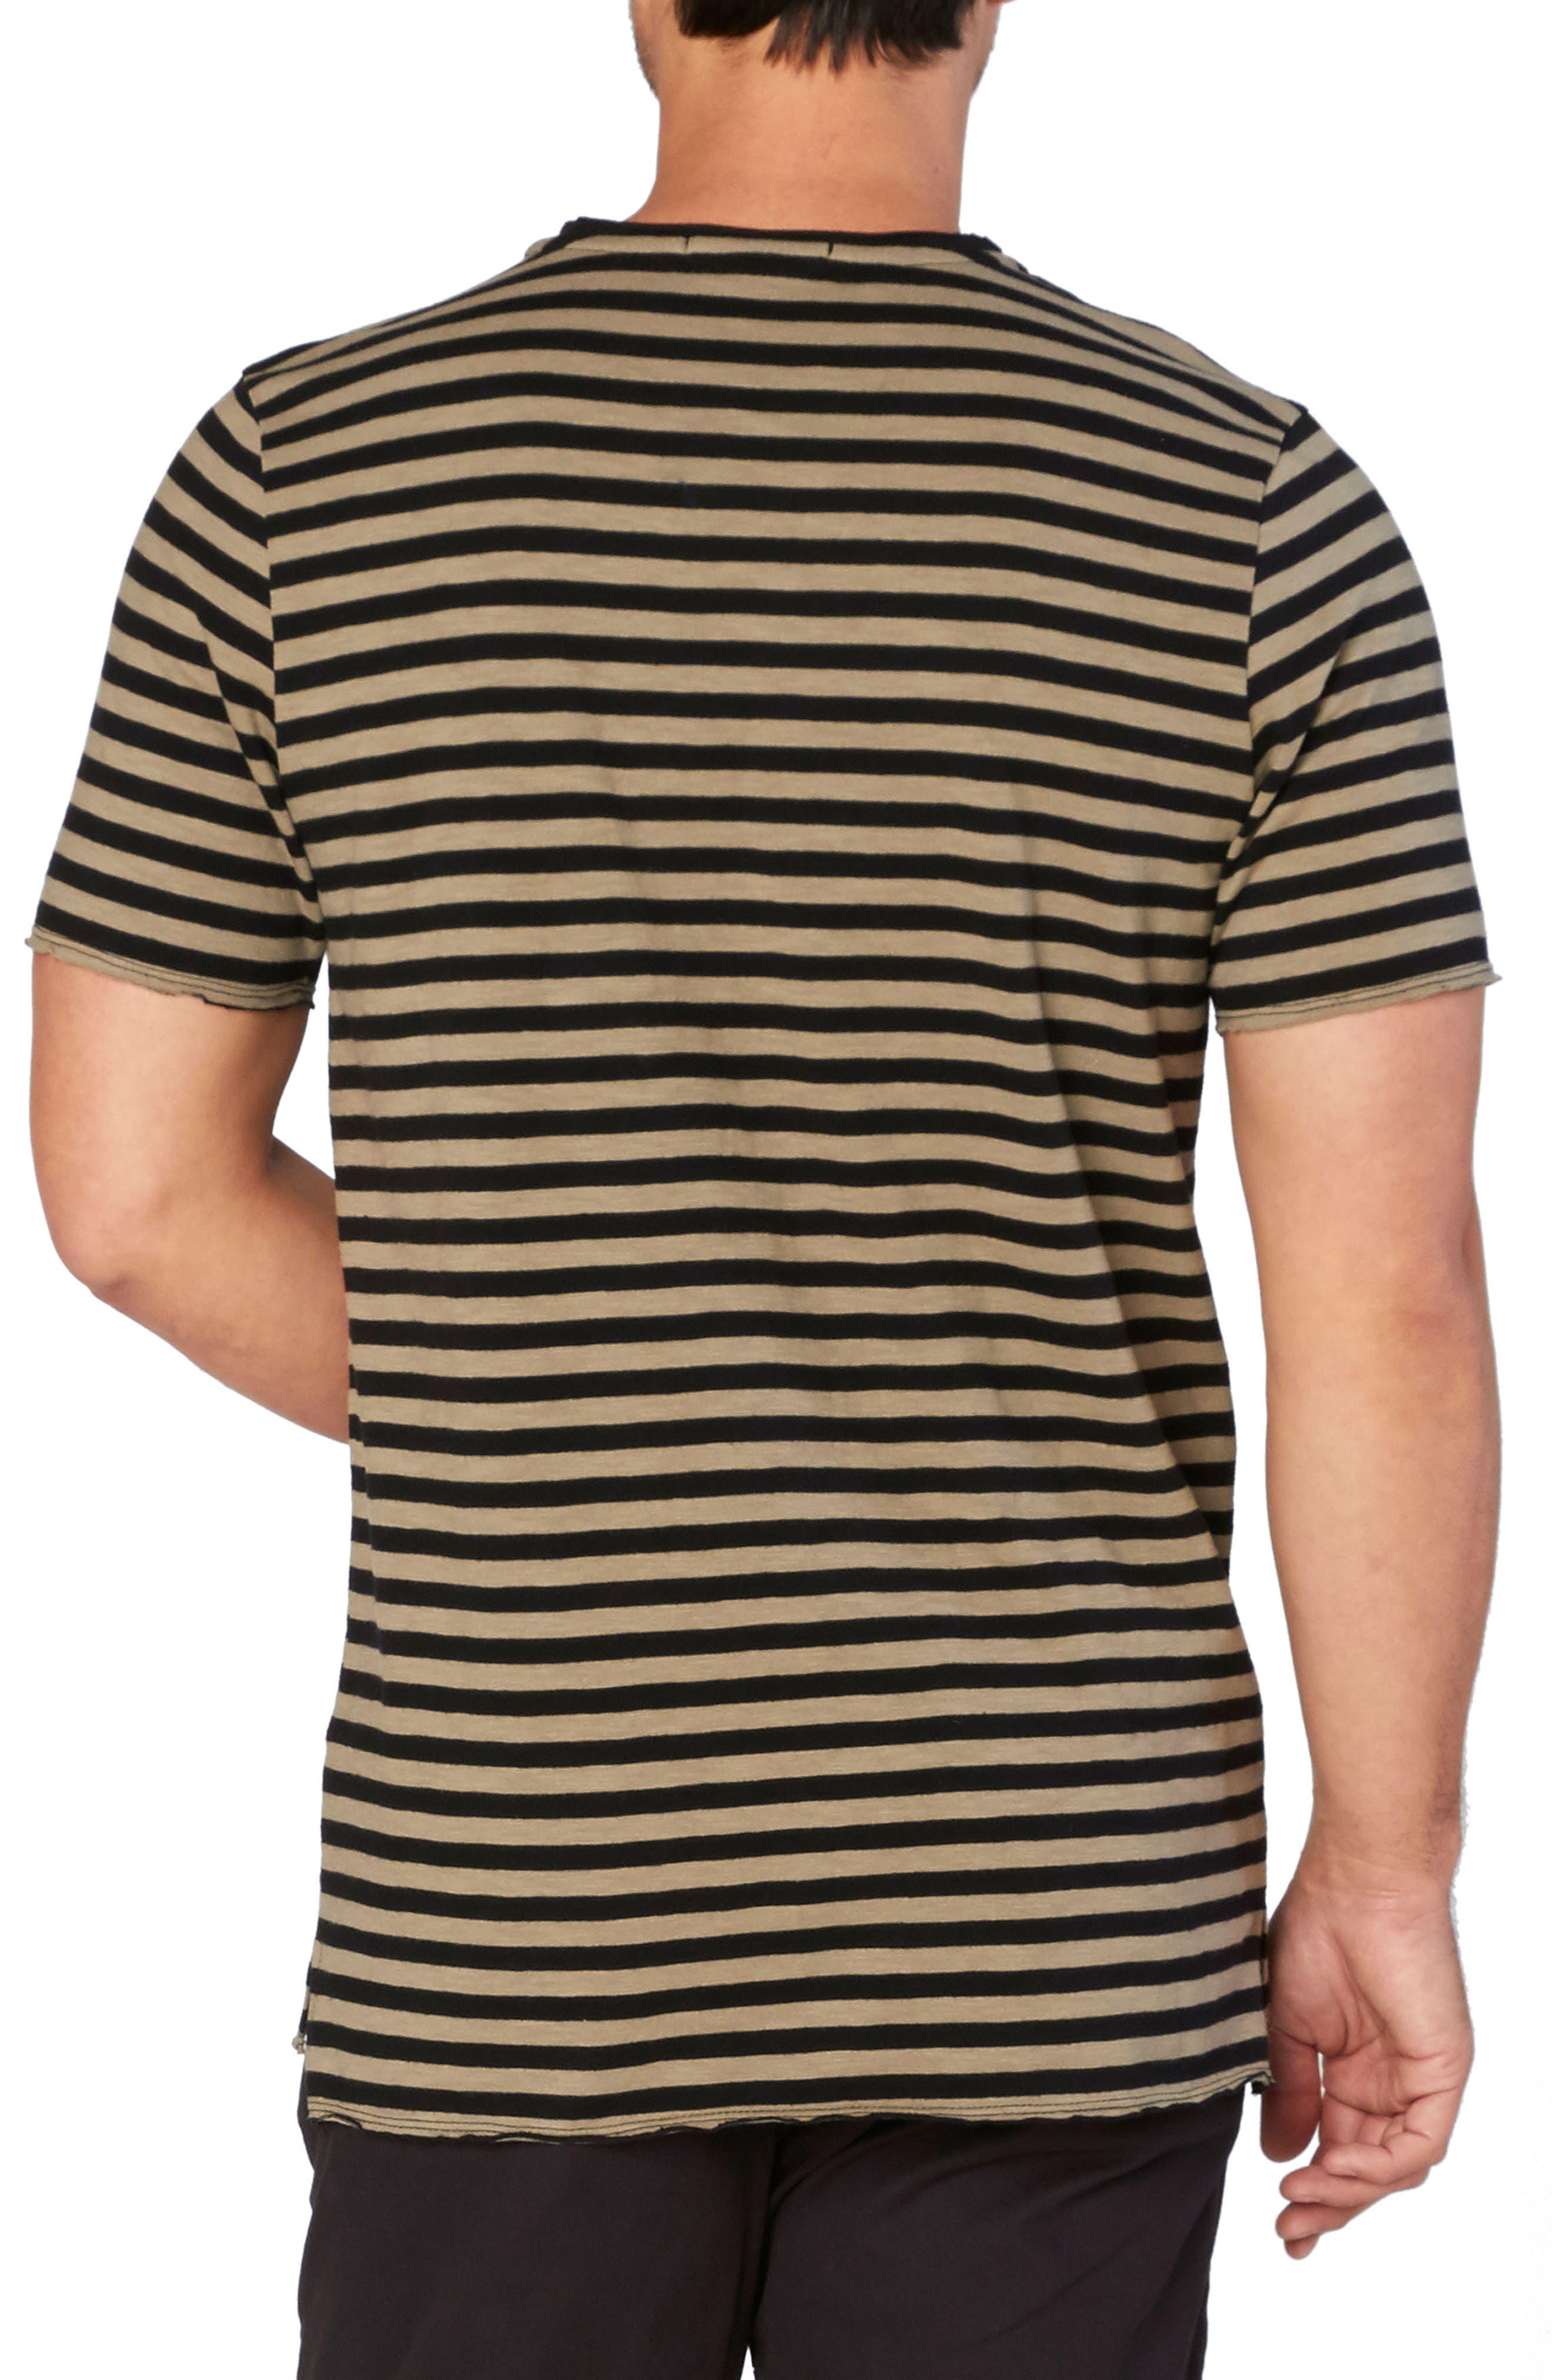 Kane Slub Stripe T-Shirt,                             Alternate thumbnail 2, color,                             250